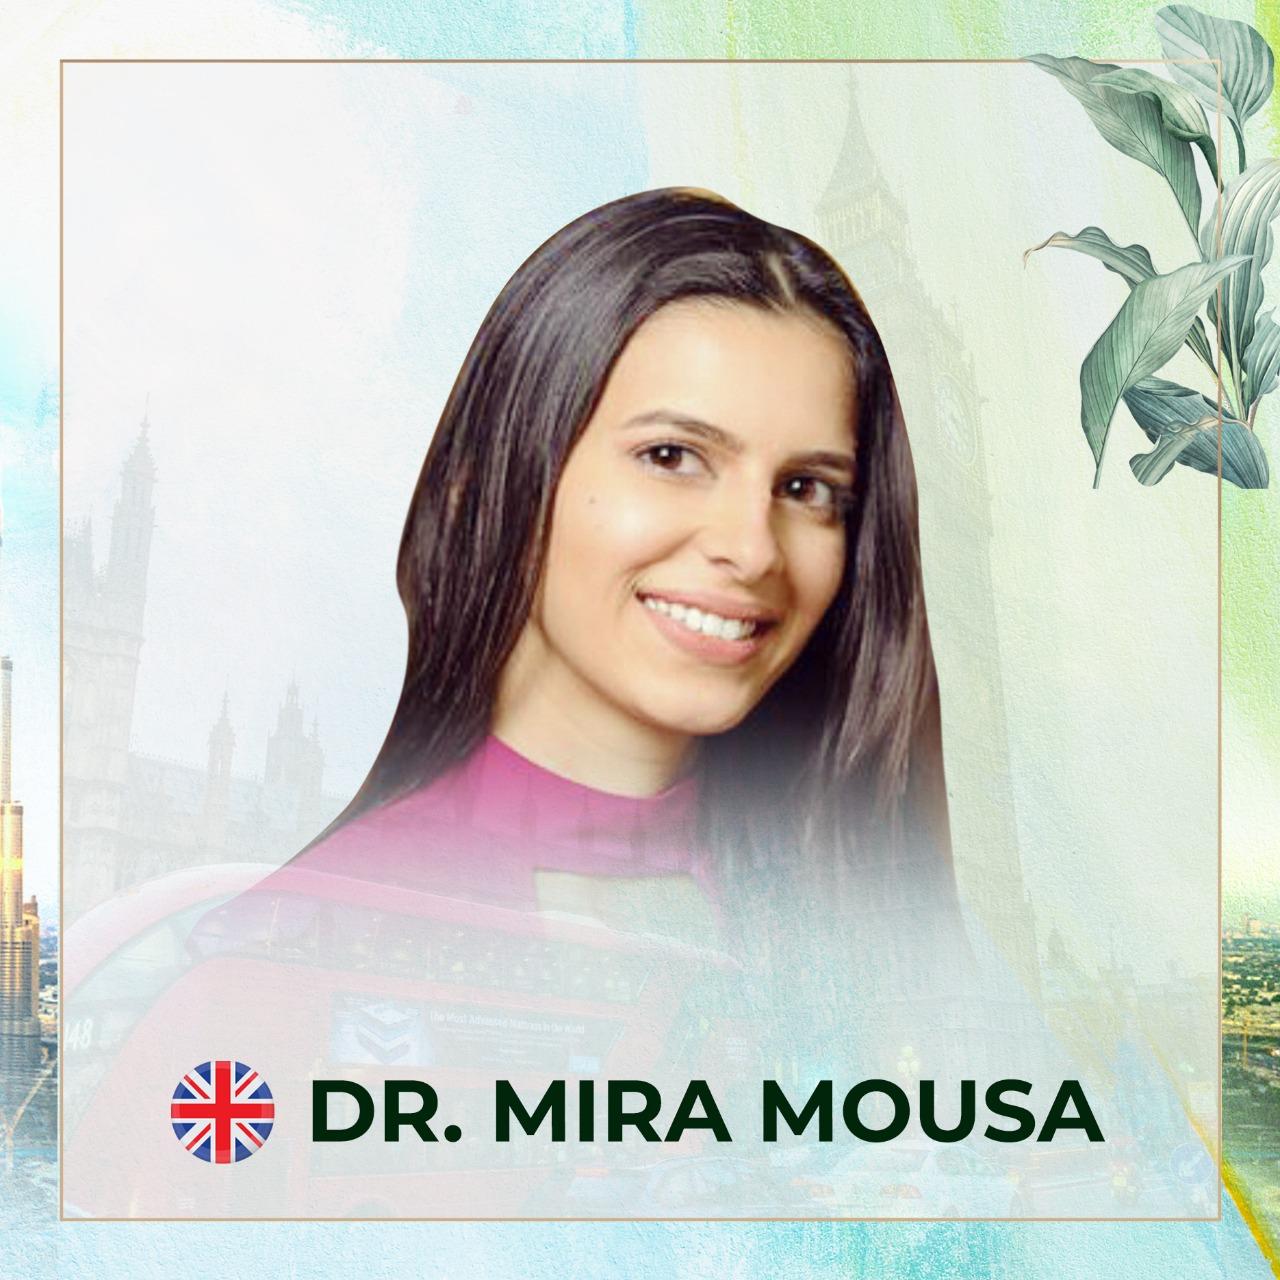 Dr. Mira